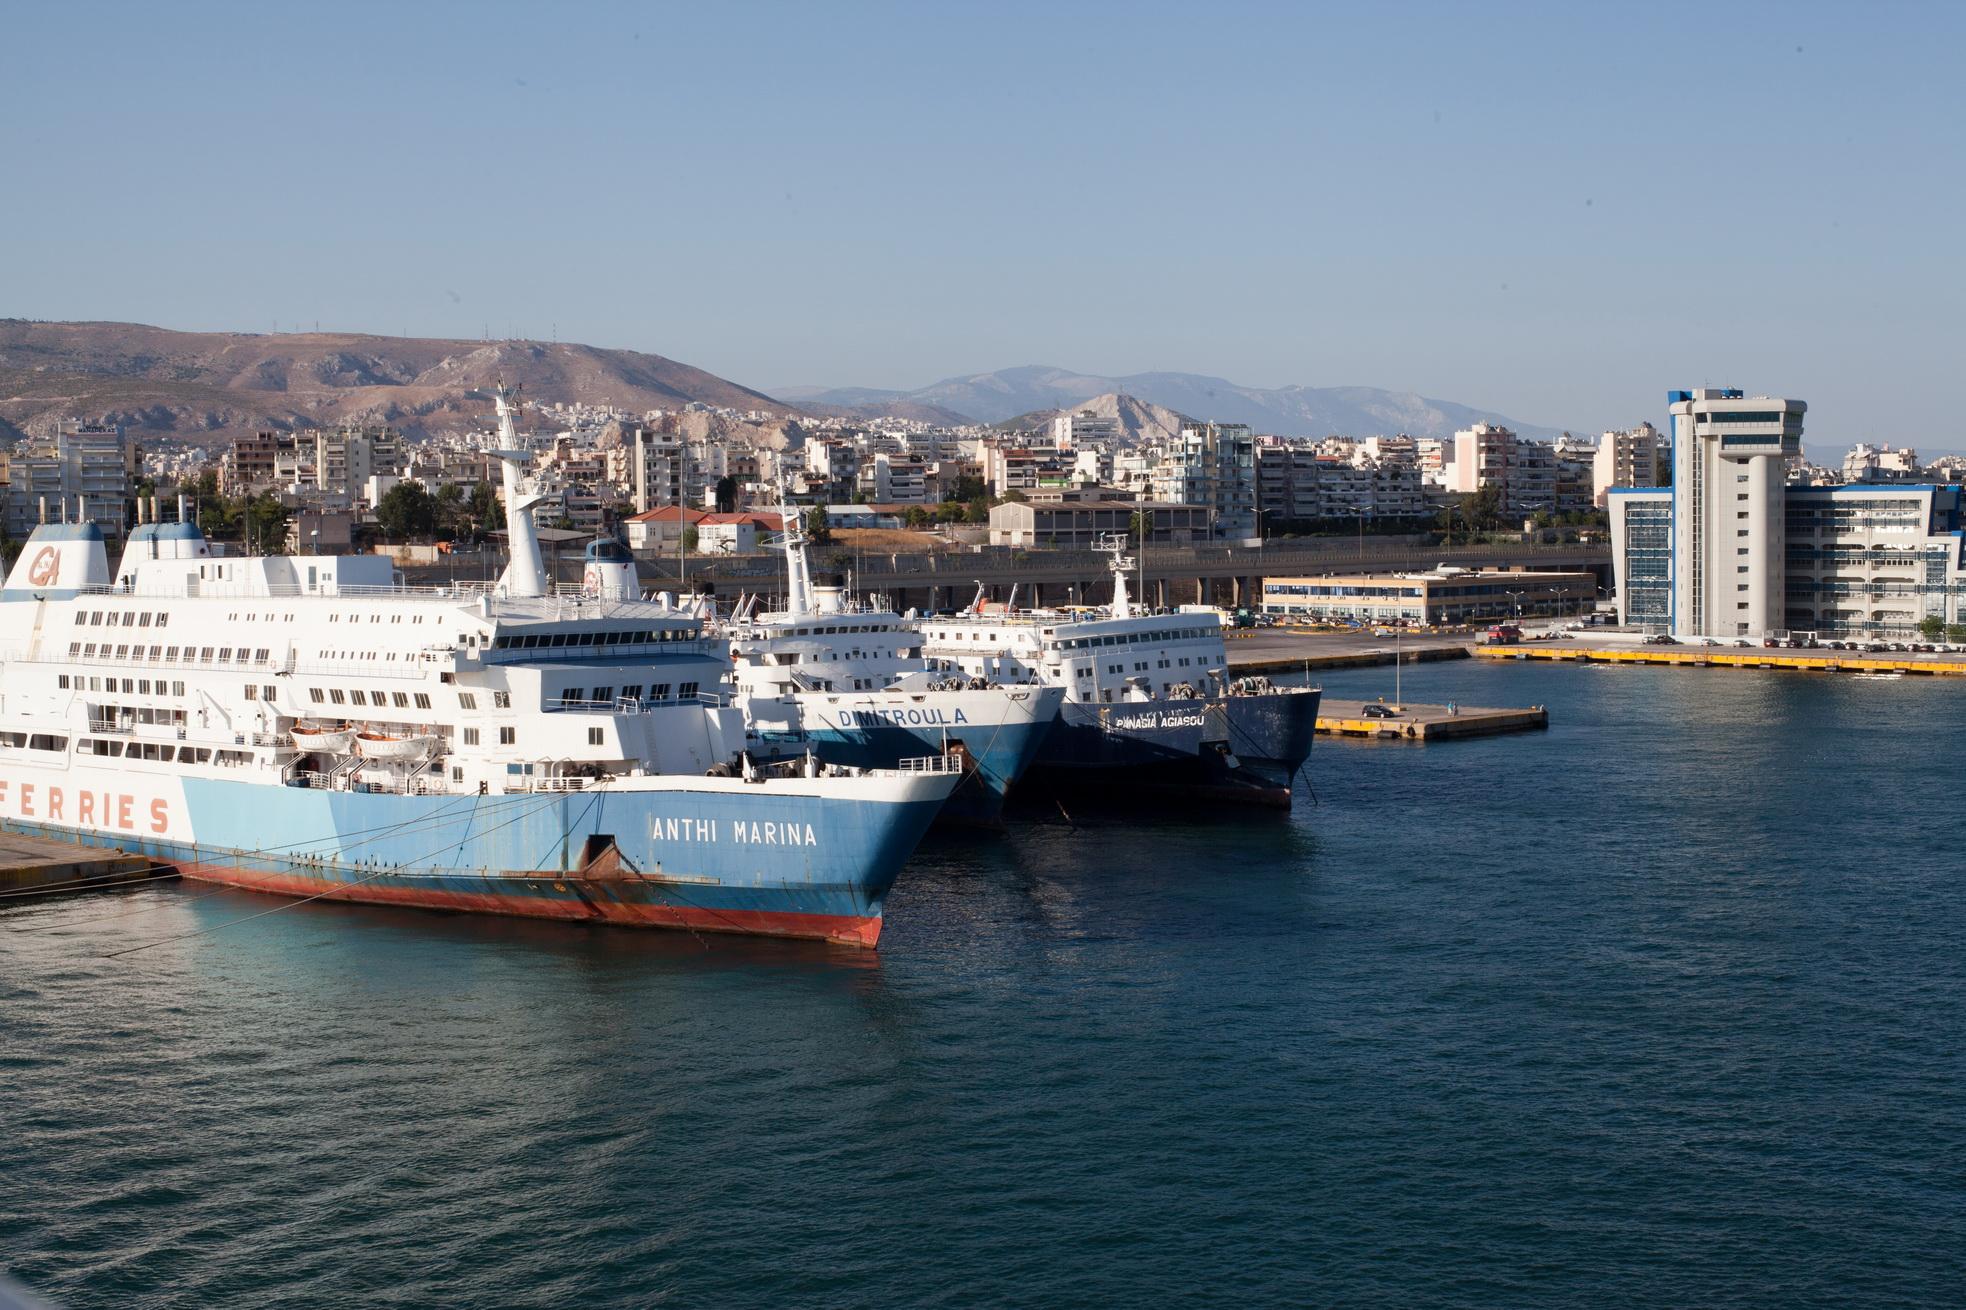 MS Anthi Marina IMO 7820473 and Dimitroula IMO 7602156 GA Ferries docked Piraeus Athens Greece 01